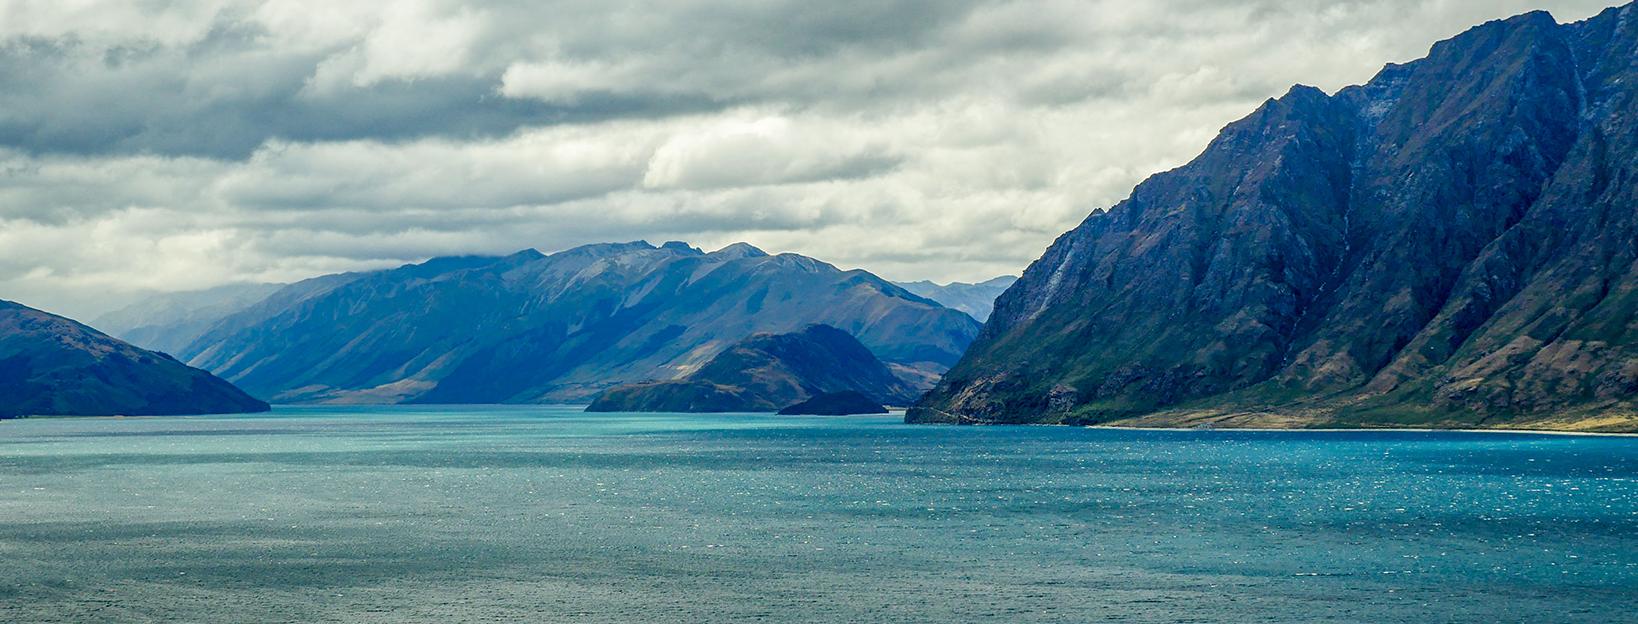 Jižní ostrov Nového Zélandu